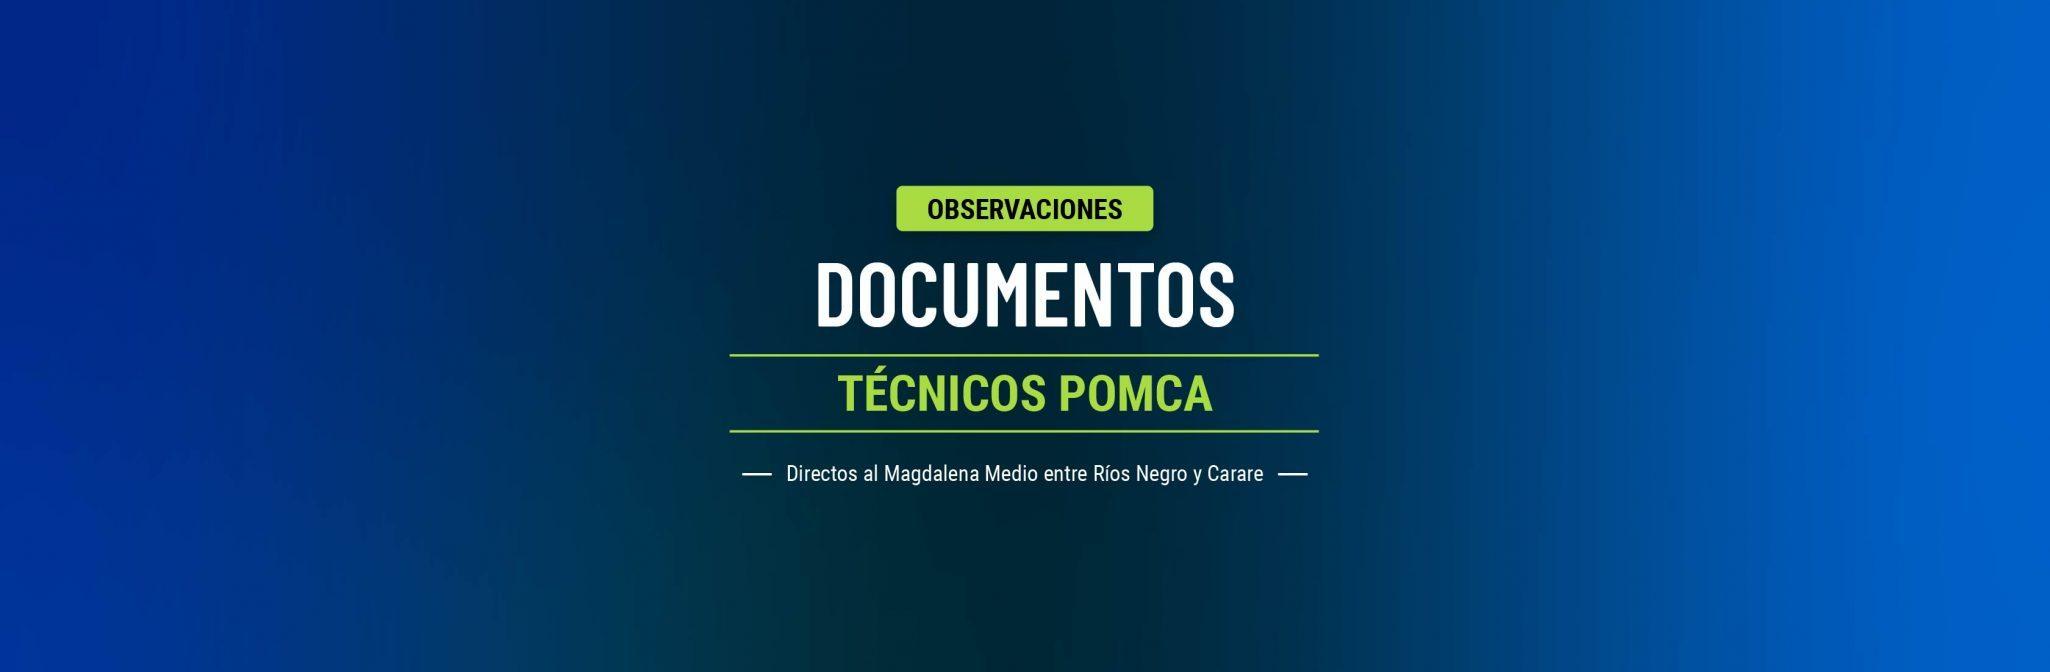 Foto Presentación observaciones y recomendaciones Formulación del POMCA Directos al Magdalena Medio entre Ríos Negro y Carare